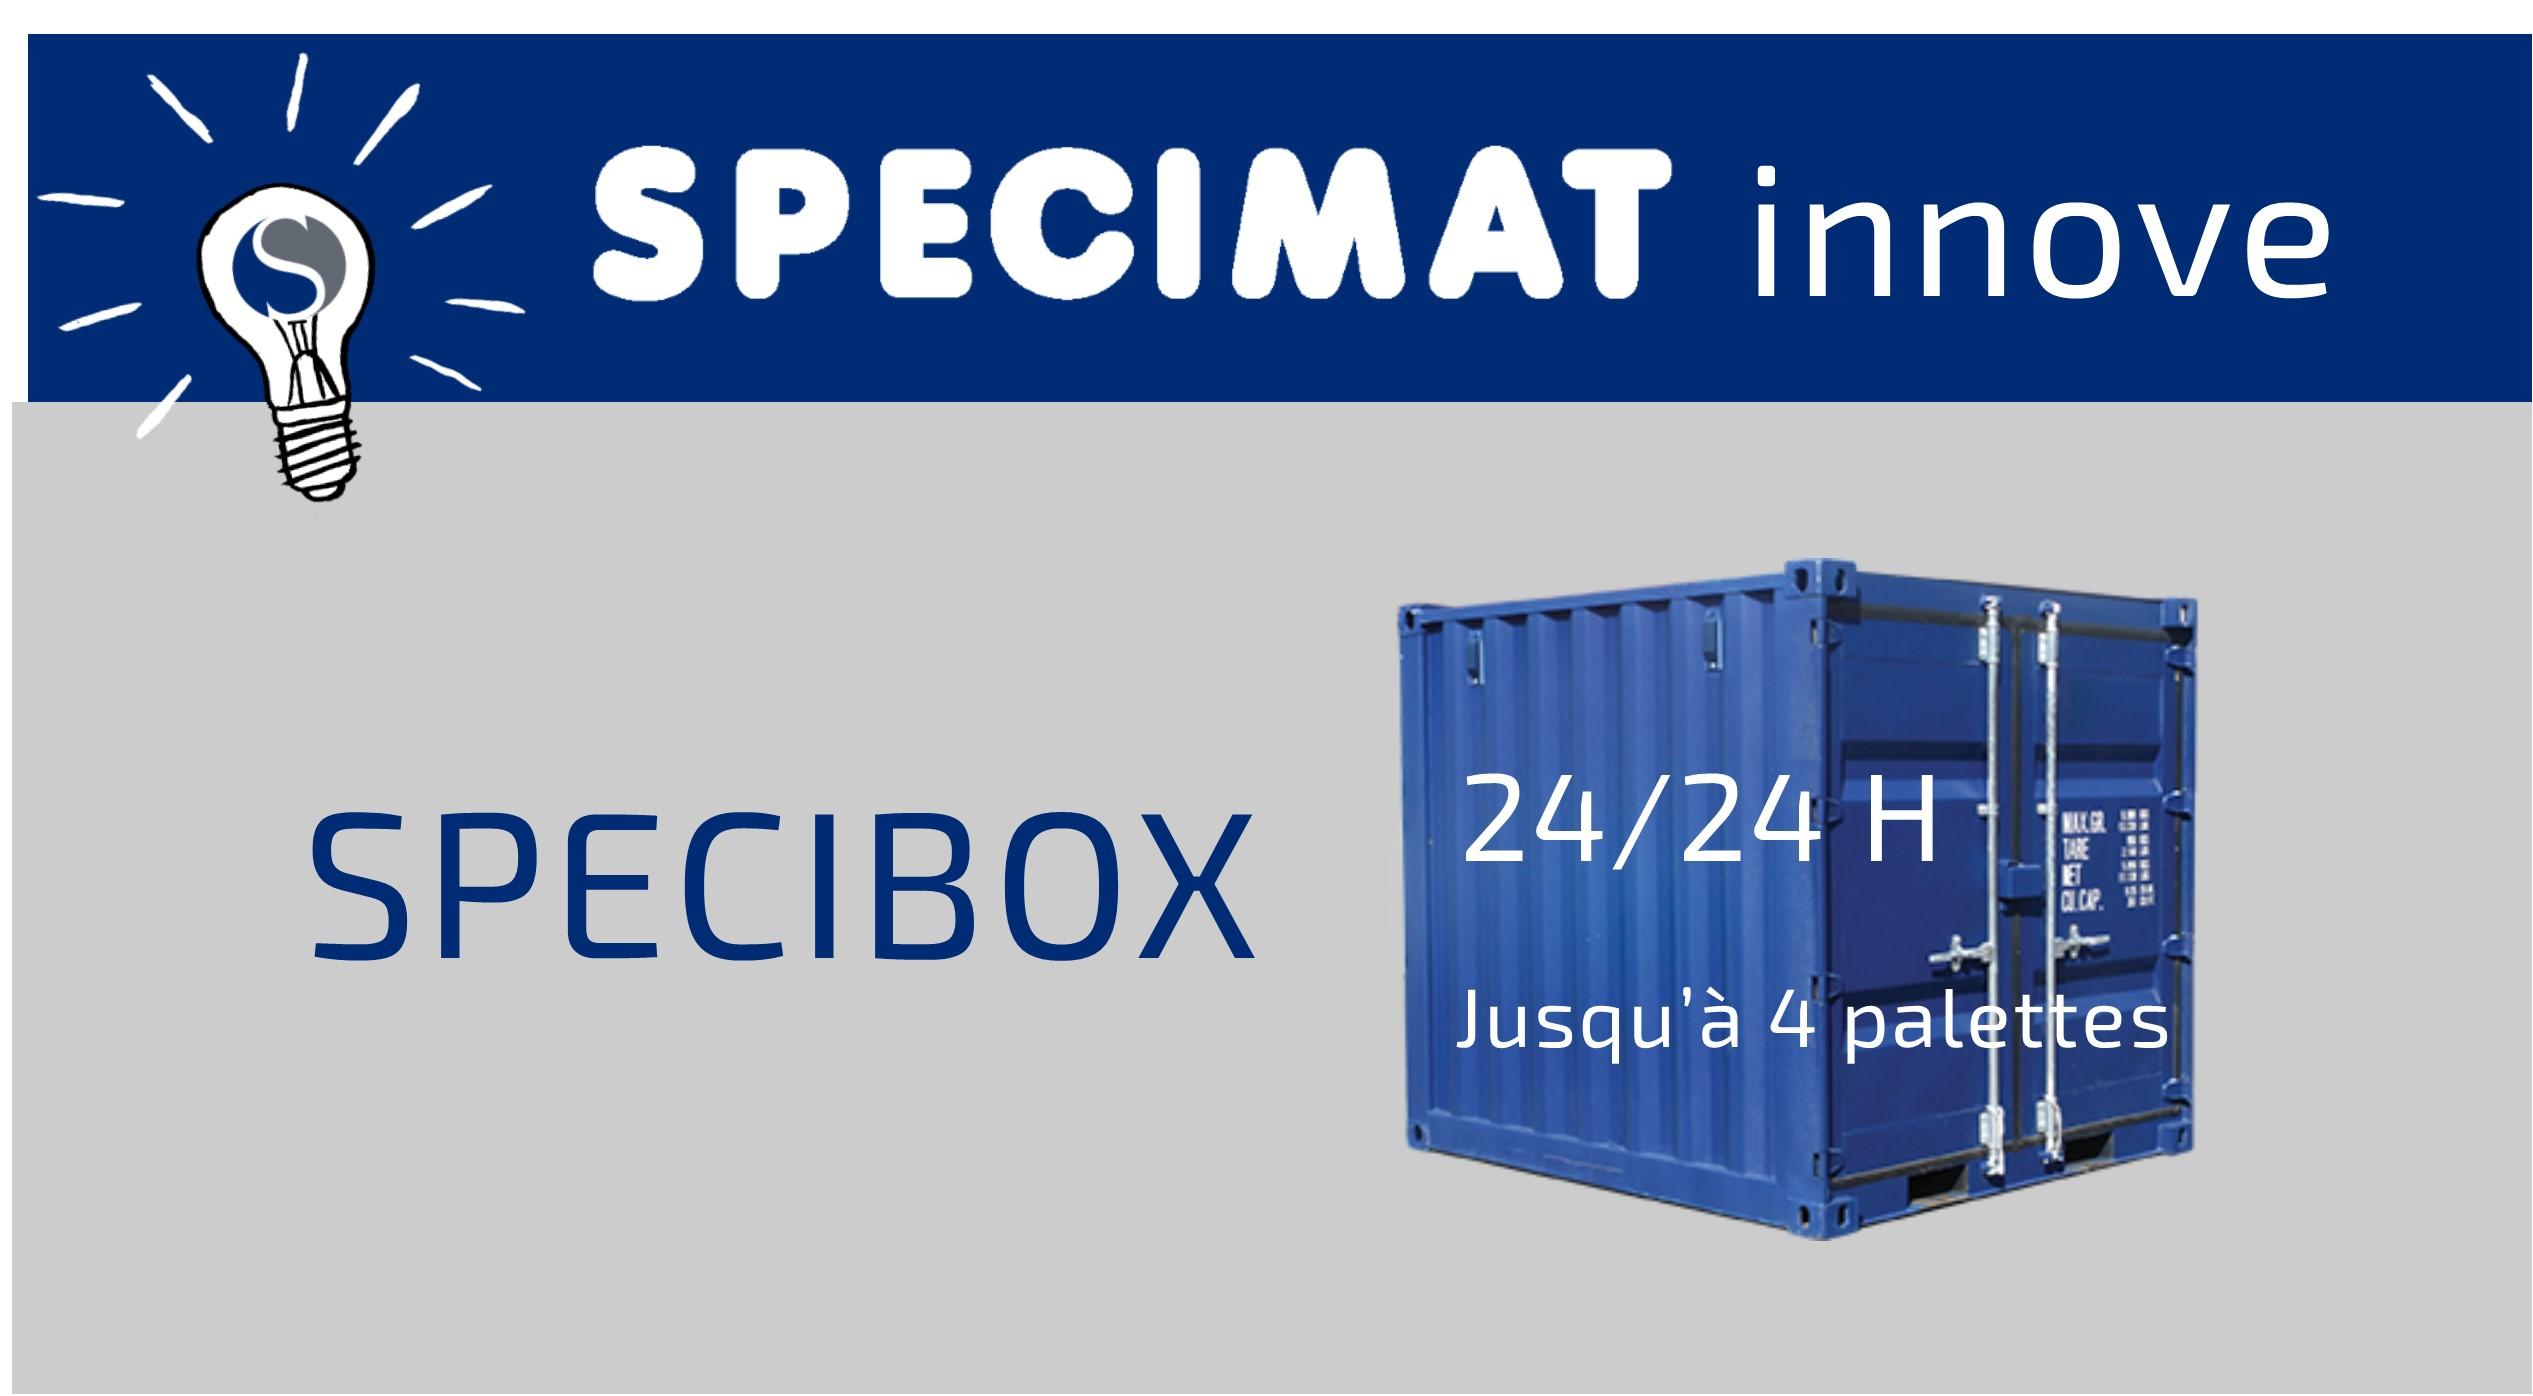 SPECIBOX nouveau service